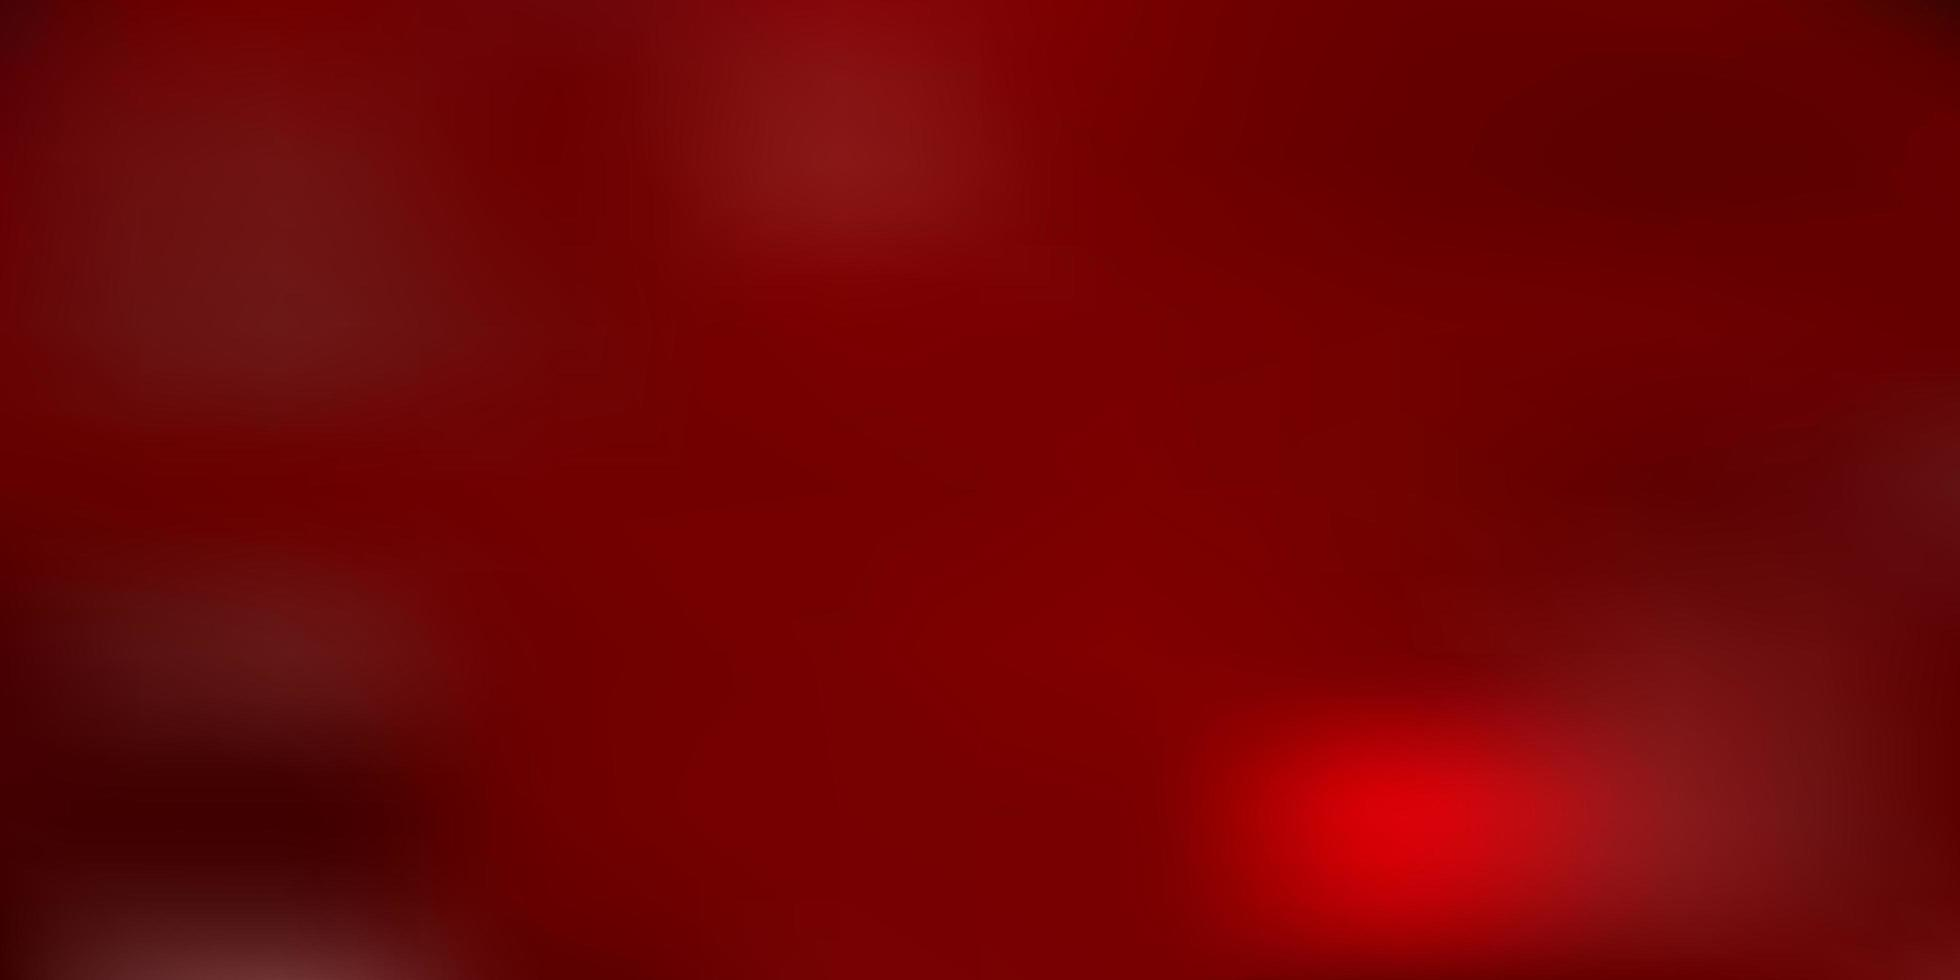 gradiente de vector rojo claro desenfoque de fondo.